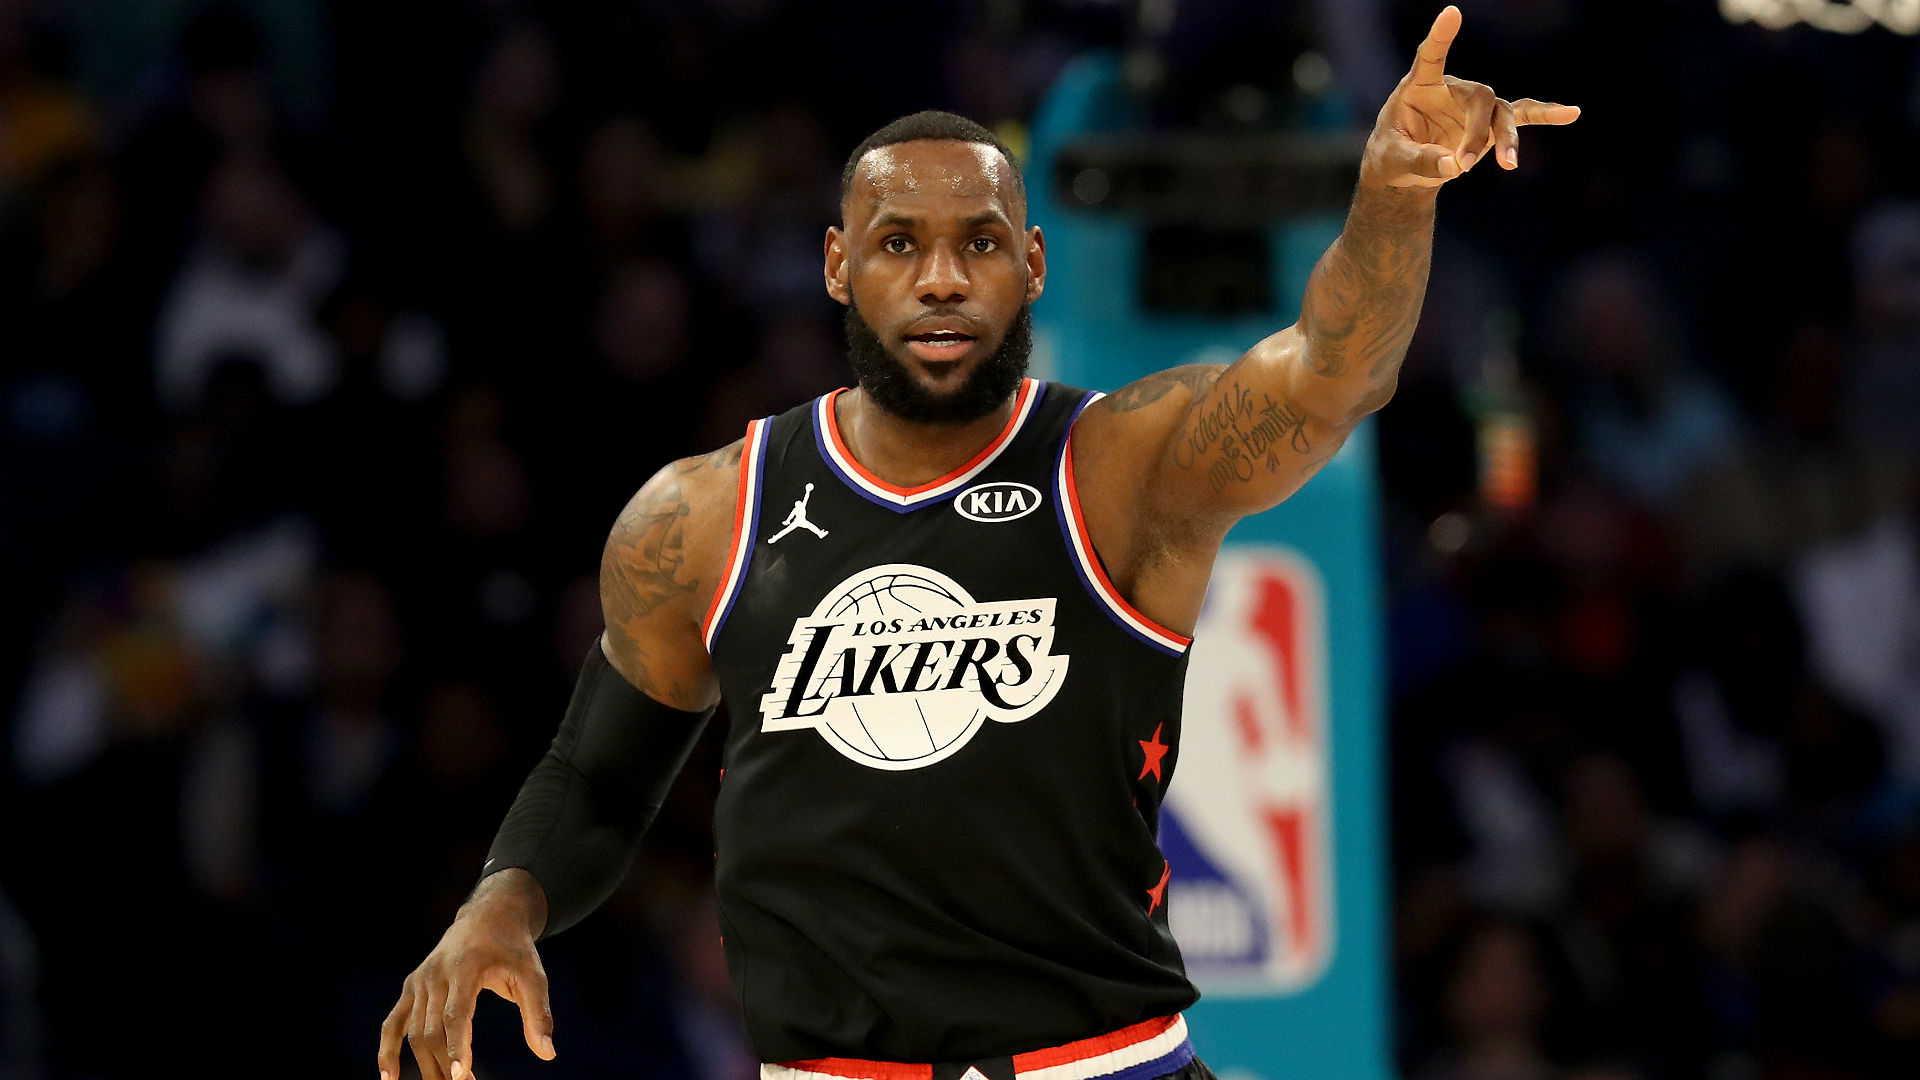 多次當選NBA全明星票王很難嗎?歷史上僅10人,詹皇7次僅次於喬神!-籃球圈